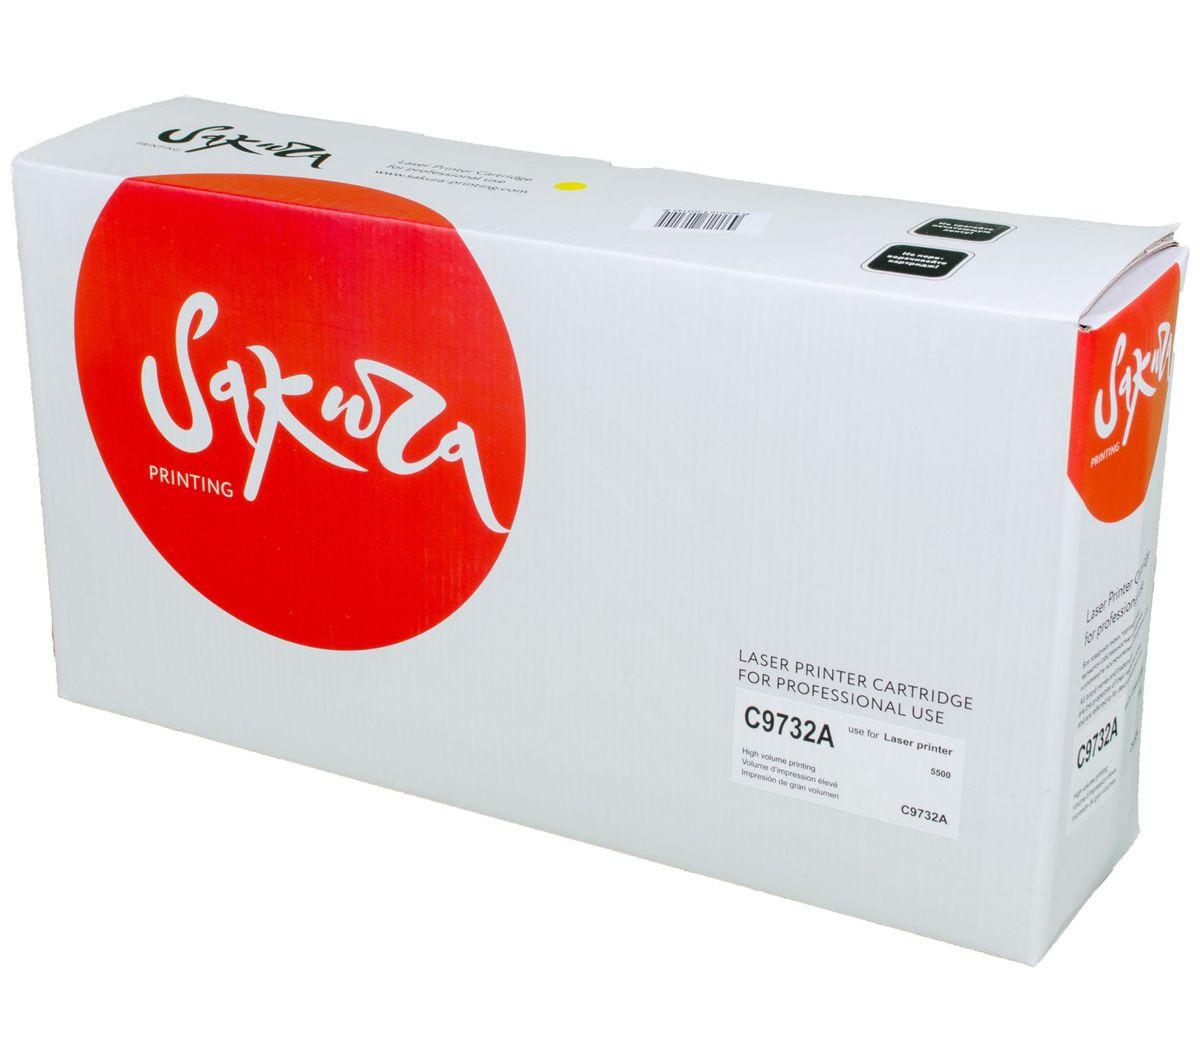 где купить Картридж SAKURA C9732A для принтера HP Laser Jet 5500/5550, желтый, 12000 к. дешево